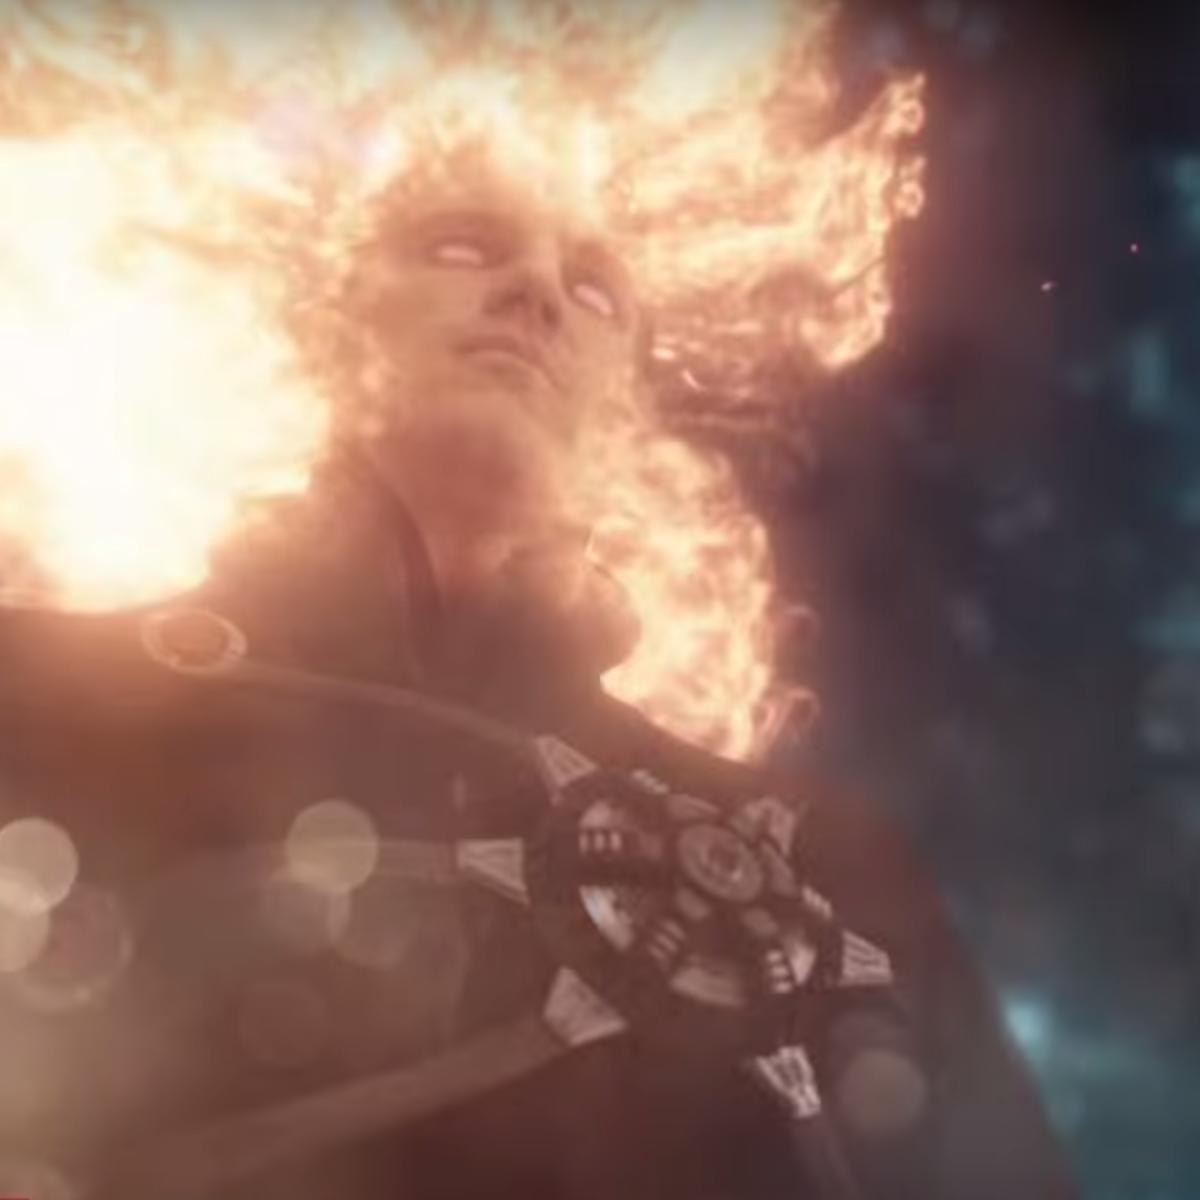 Firestorm-The-Flash-3Days-trailer-screenshot.png